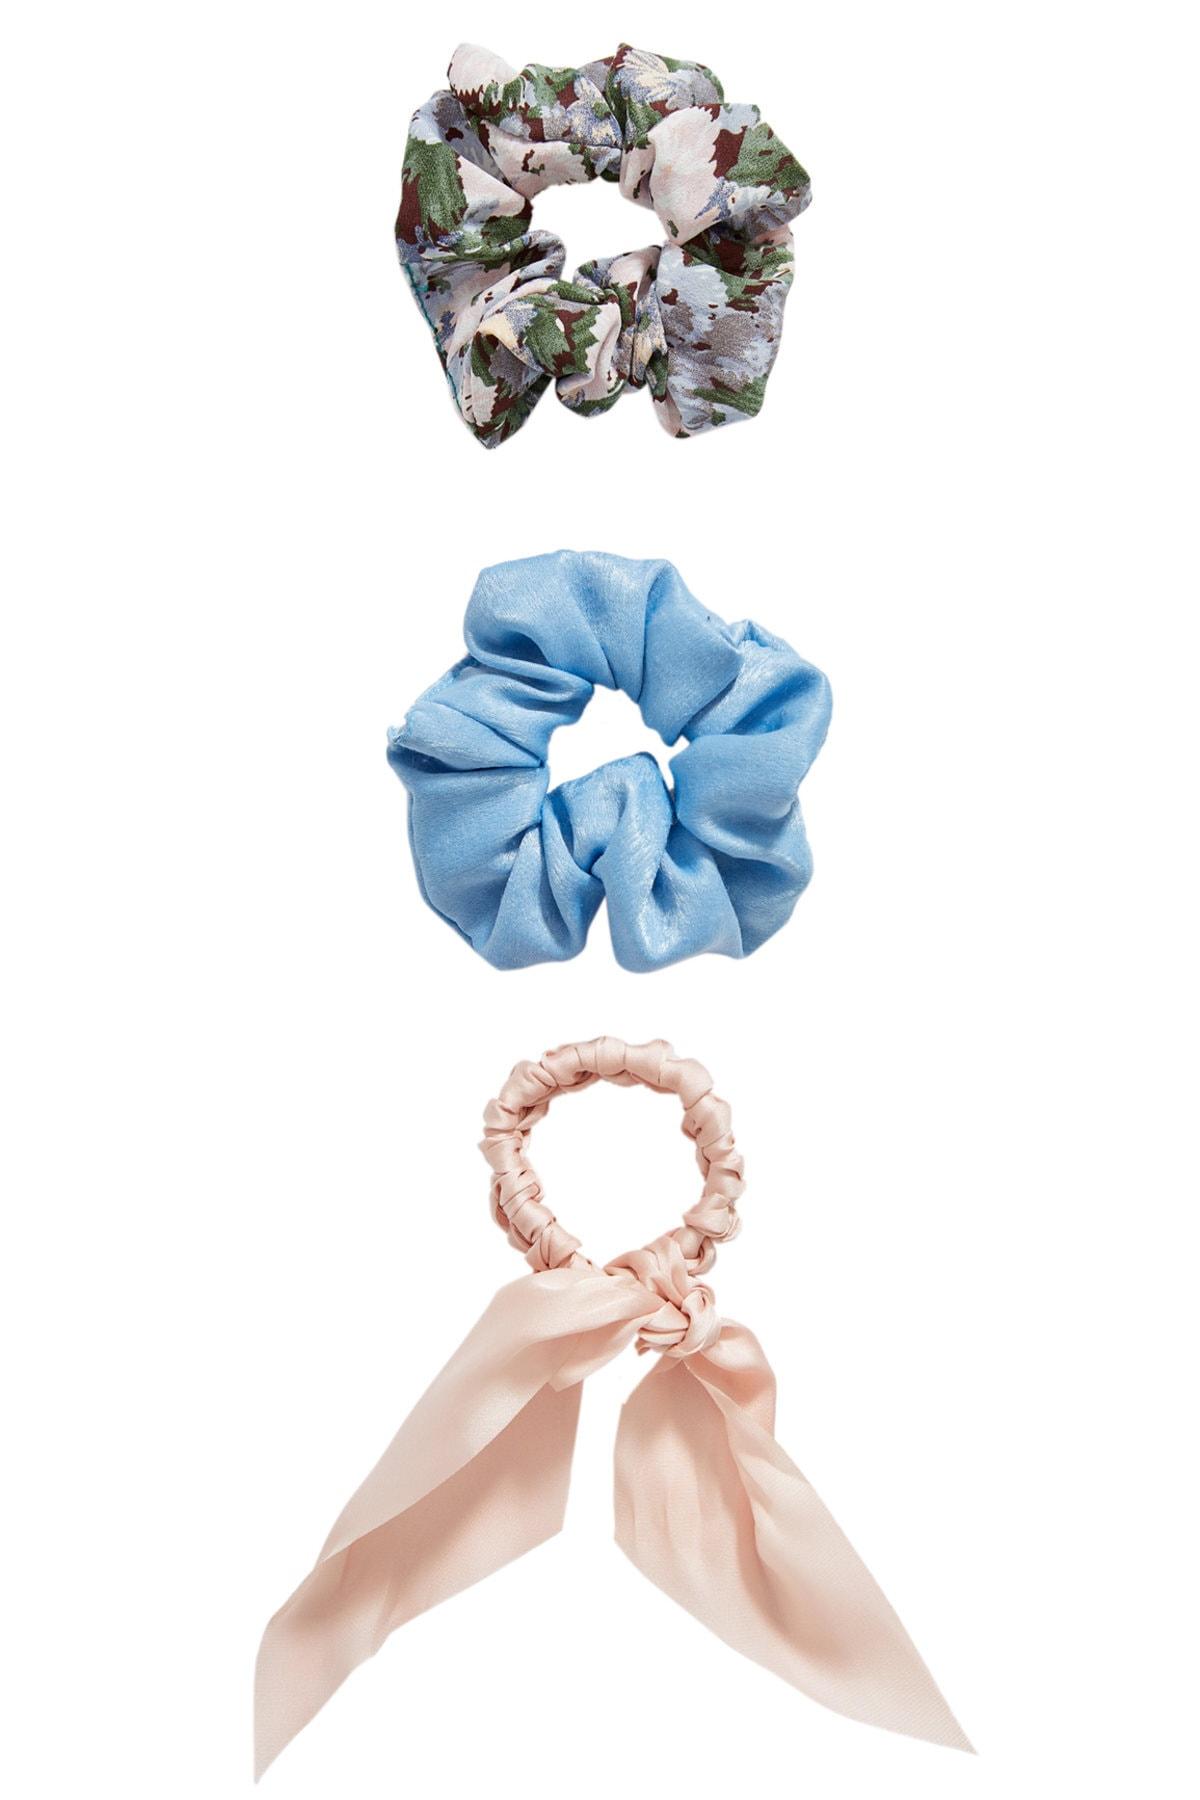 Stradivarius Kadın Açık Mavi 3'Lü Çiçek Desenli Saç Lastiği Paketi 00239009 0